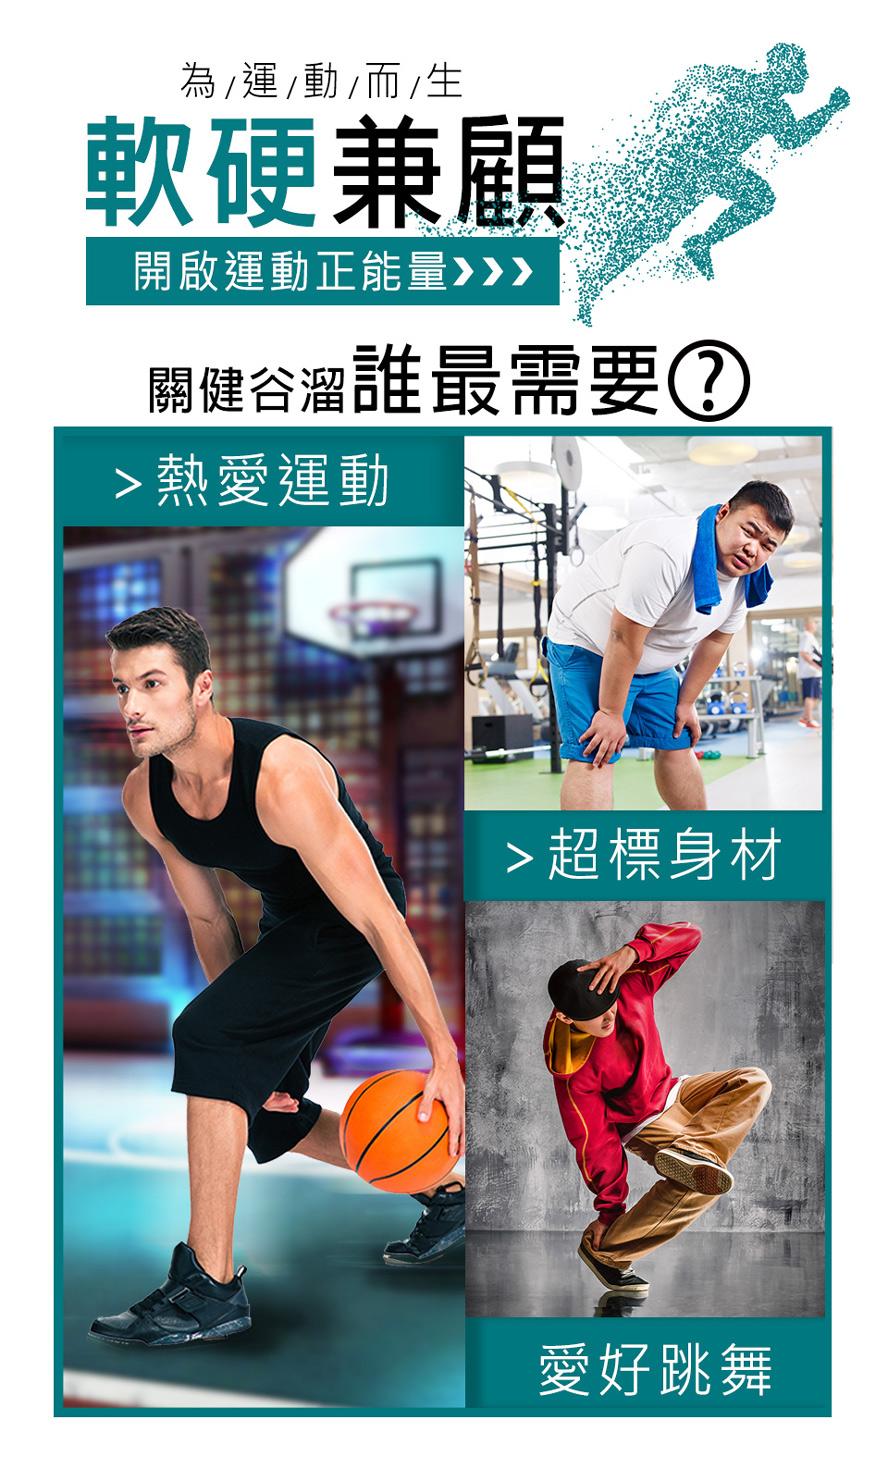 不論是運動或是關節受損都要食用uniqman葡萄糖胺,鞏固關節行動力,行動更靈活